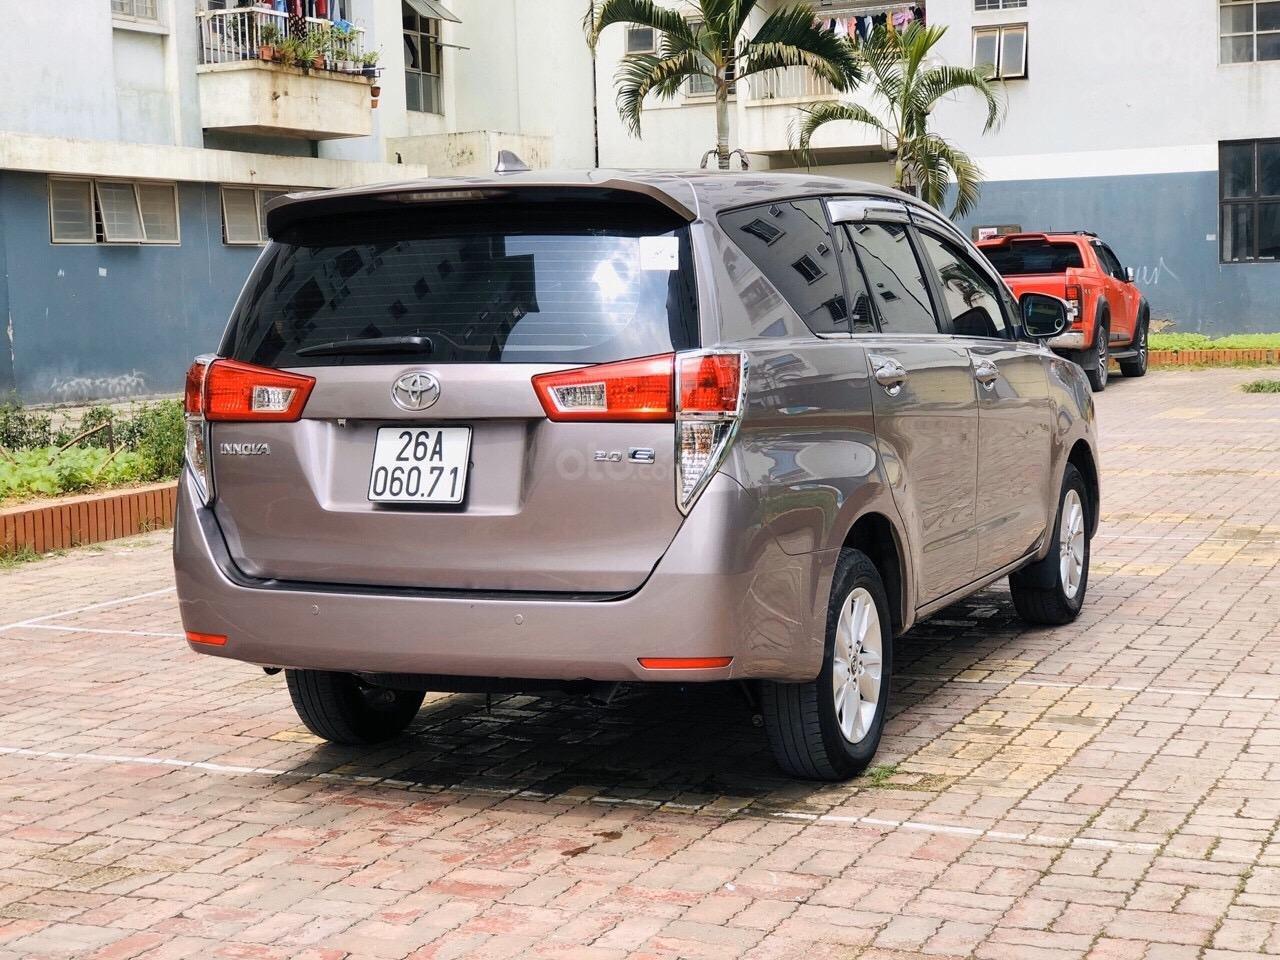 Cần bán xe Toyota Innova 2.0E năm sản xuất 2017, màu xám (ghi) (5)